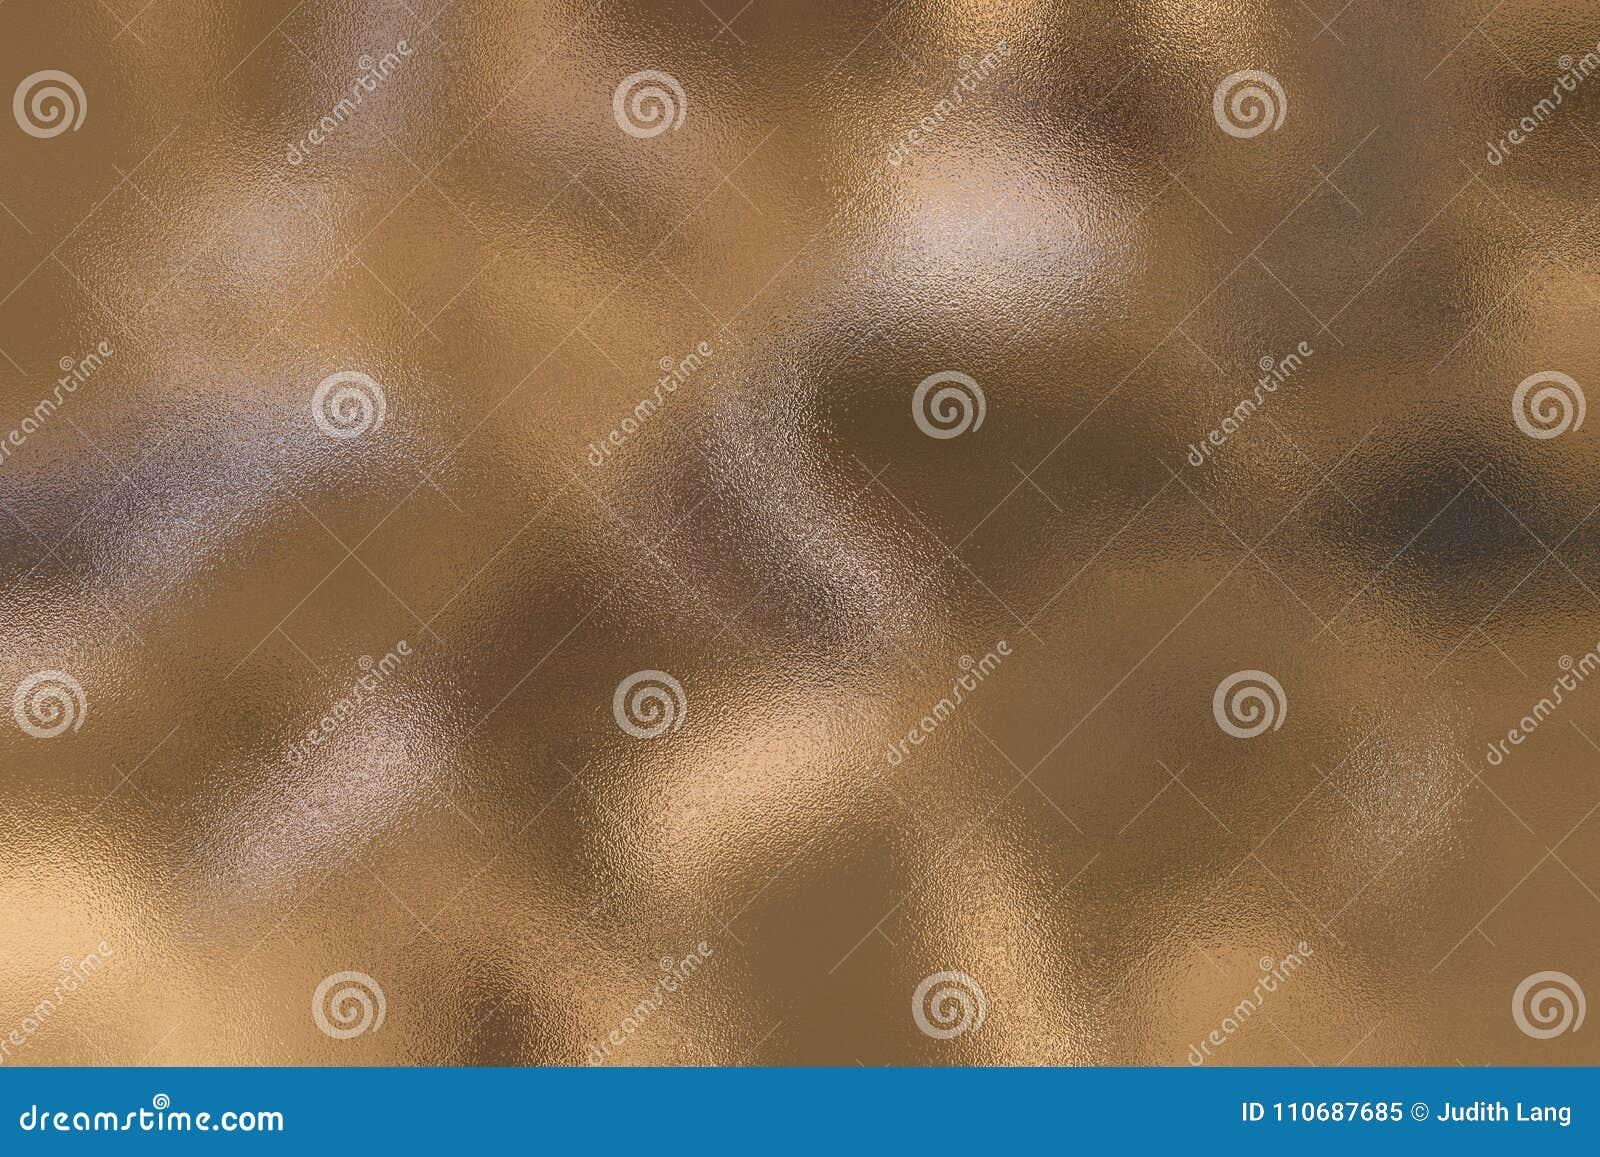 Σατέν χαλκού όπως το υπόβαθρο σύστασης